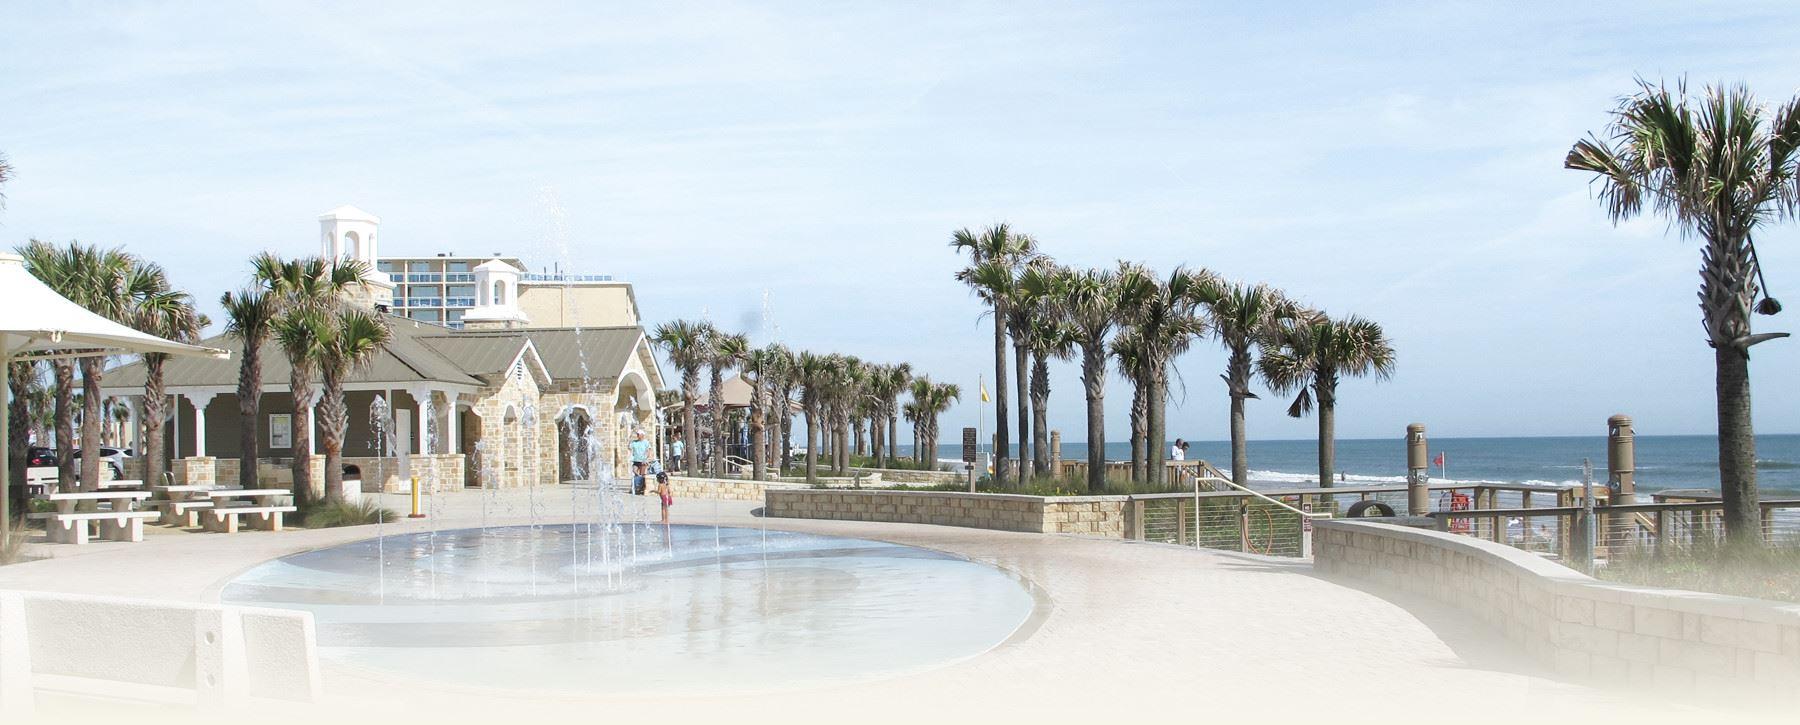 Ormond Beach Christmas Parade 2020 City of Ormond Beach, FL   Official Website